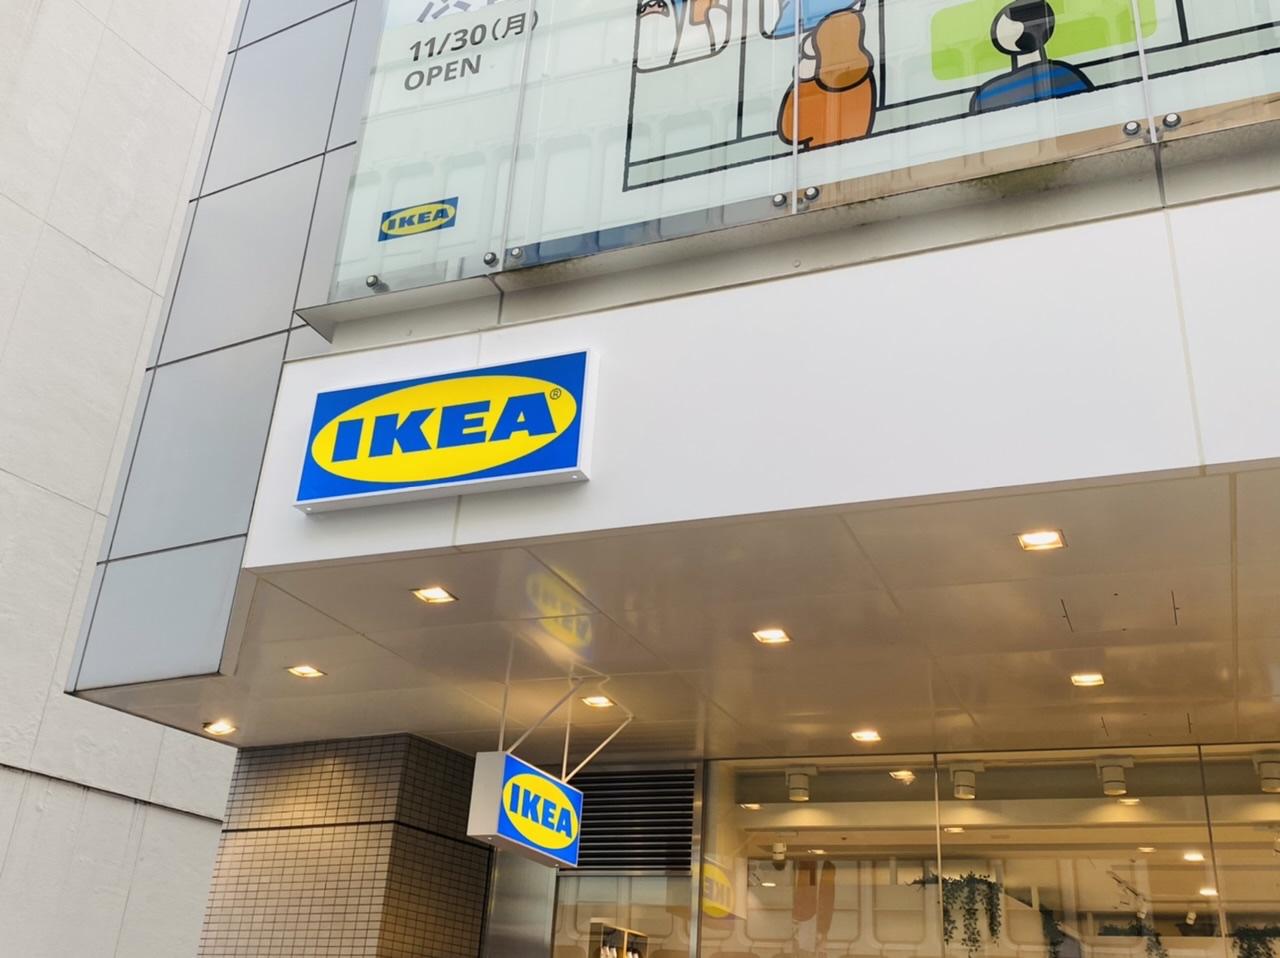 【IKEA渋谷】安すぎてヤバい!と大人気★コスパ最強《ベジドッグ》は絶対食べて♡_1